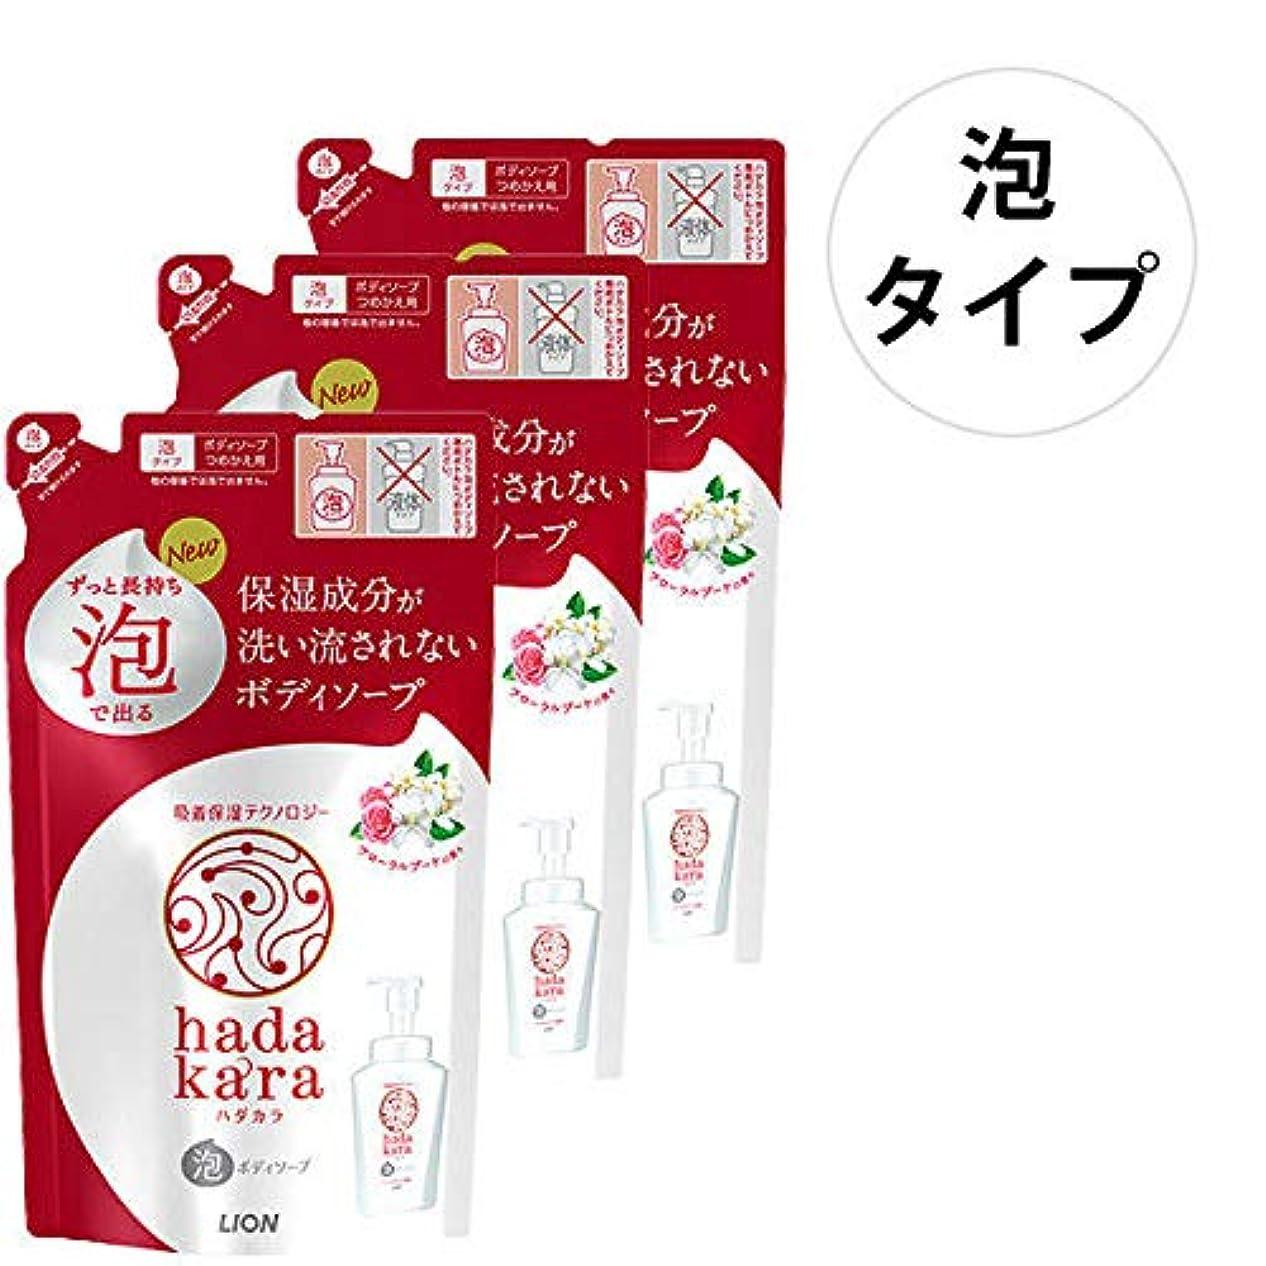 下向きトマト裏切りhadakara(ハダカラ) ボディソープ 泡タイプ フローラルブーケの香り 詰替 440ml